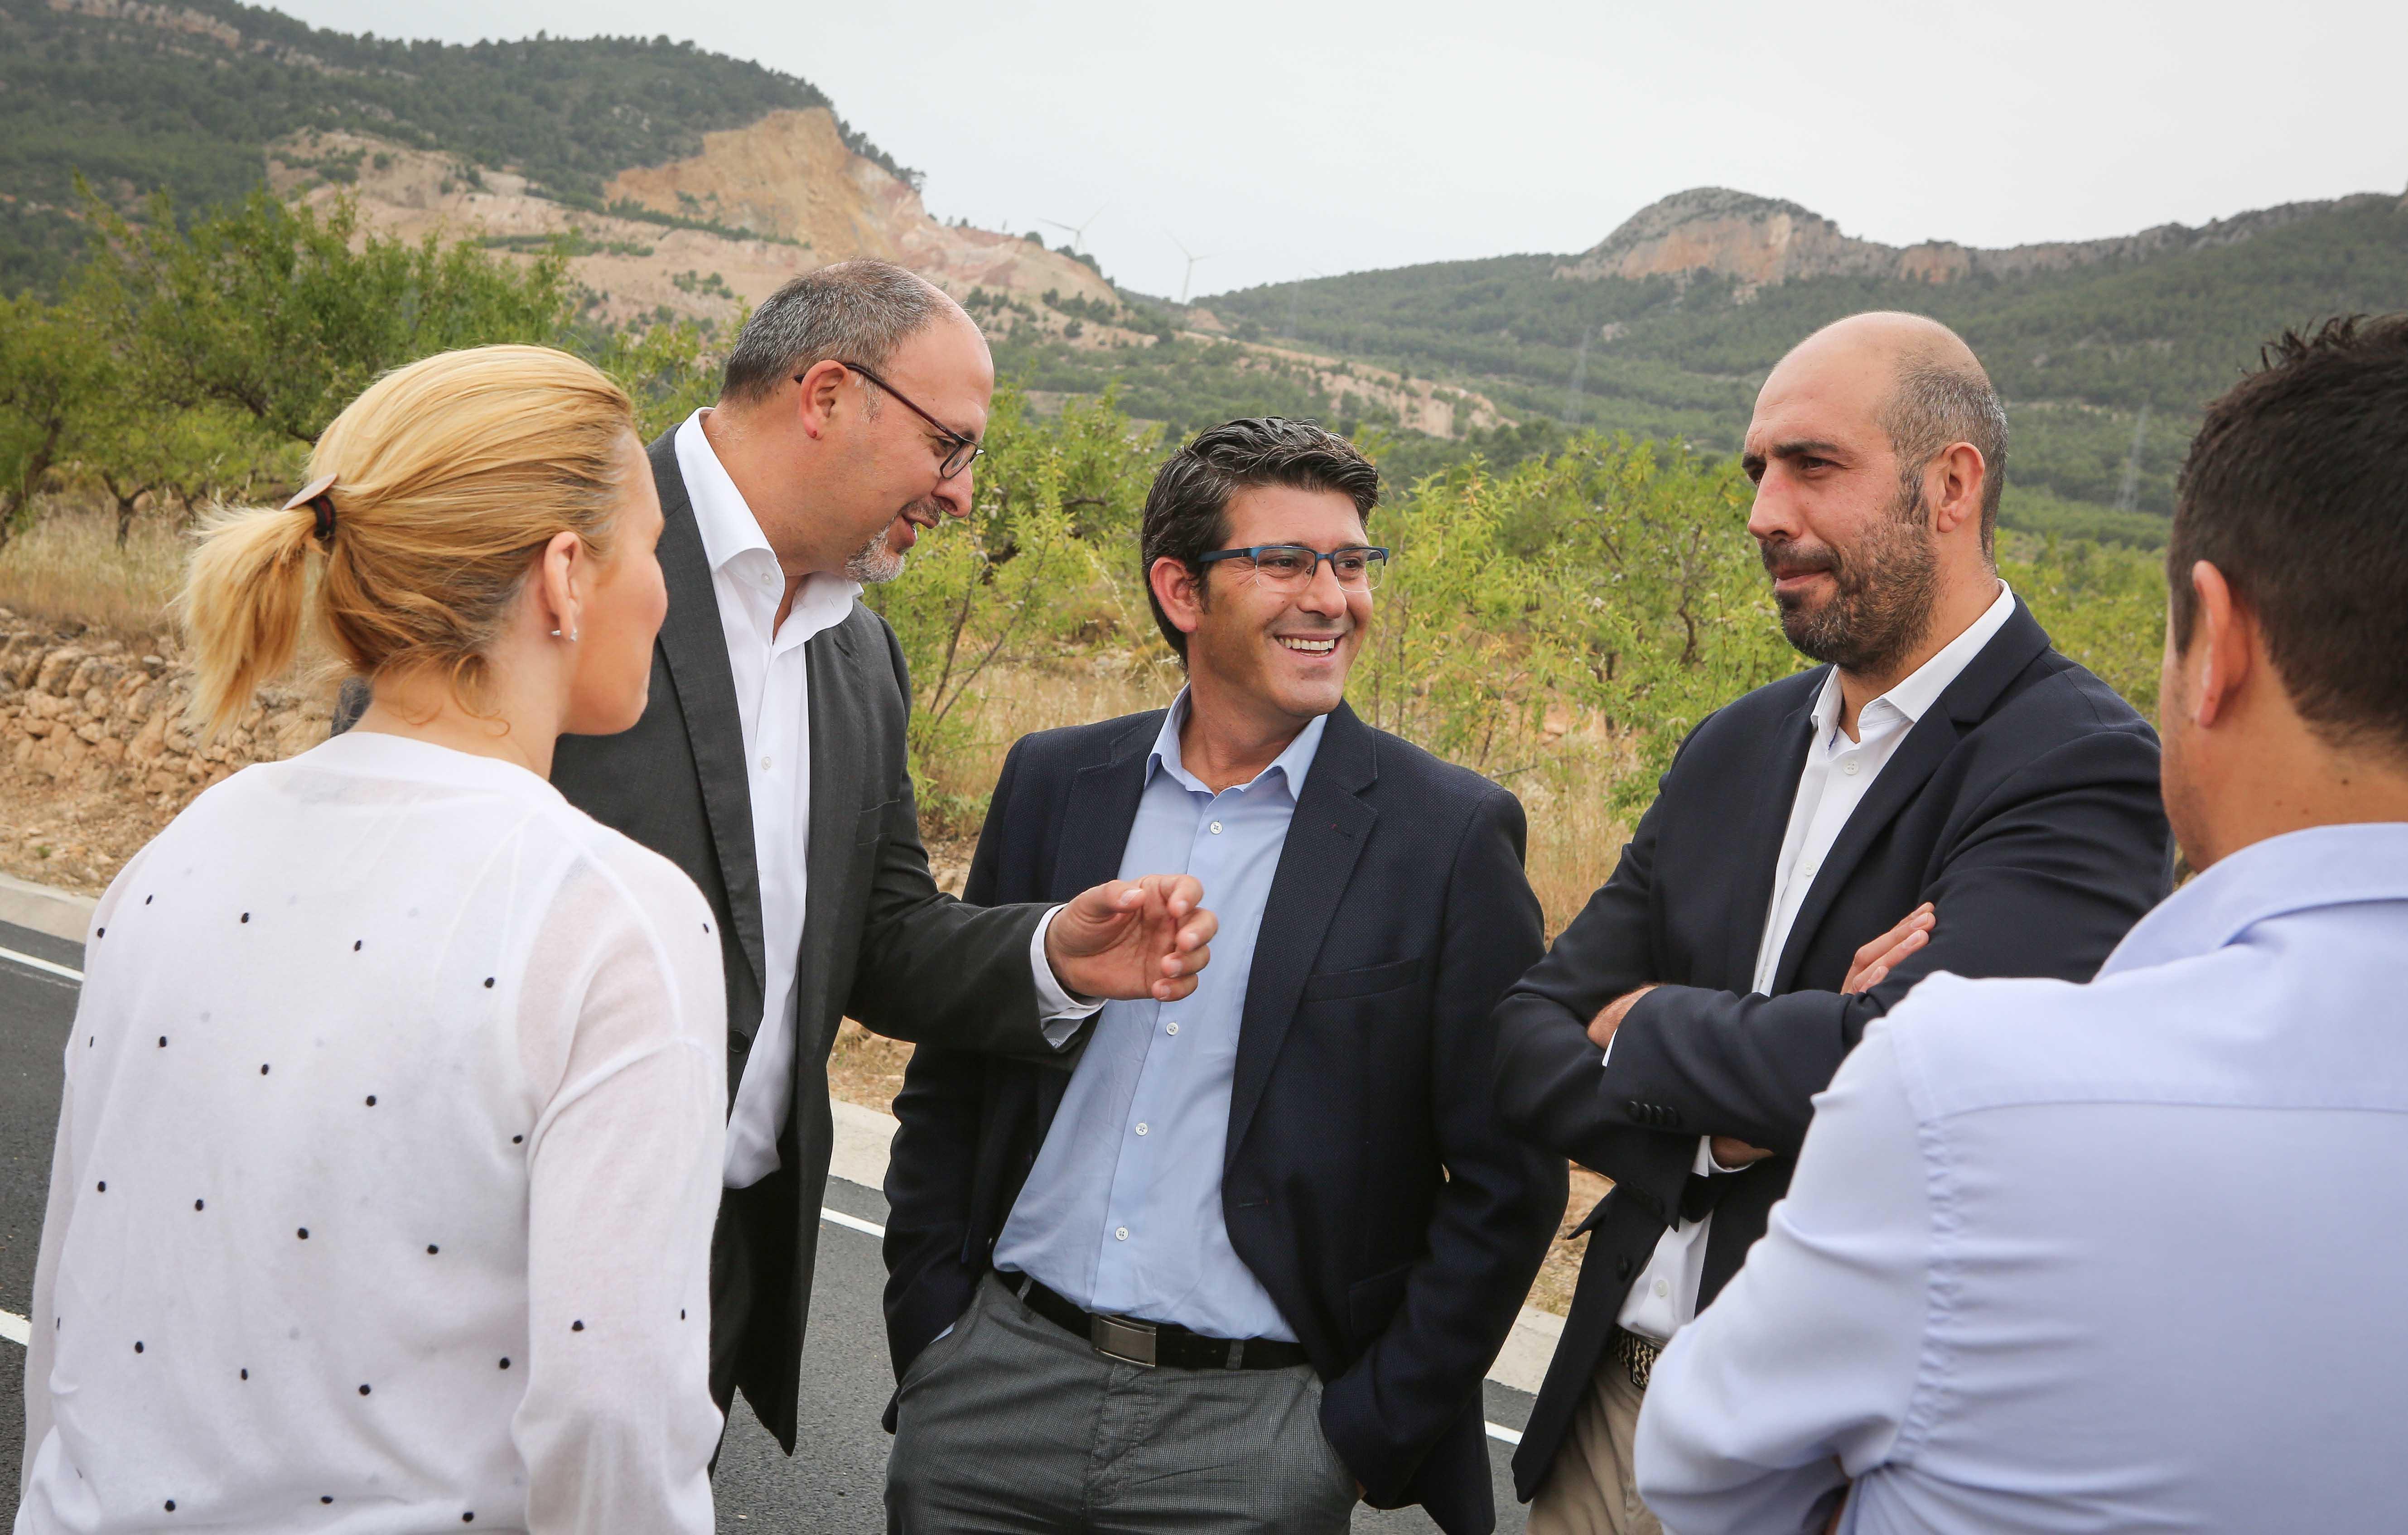 El presidente de la corporación, Jorge Rodríguez, junto al diputado Pablo Seguí y el alcalde de Higueruelas, Melanio Esteban.